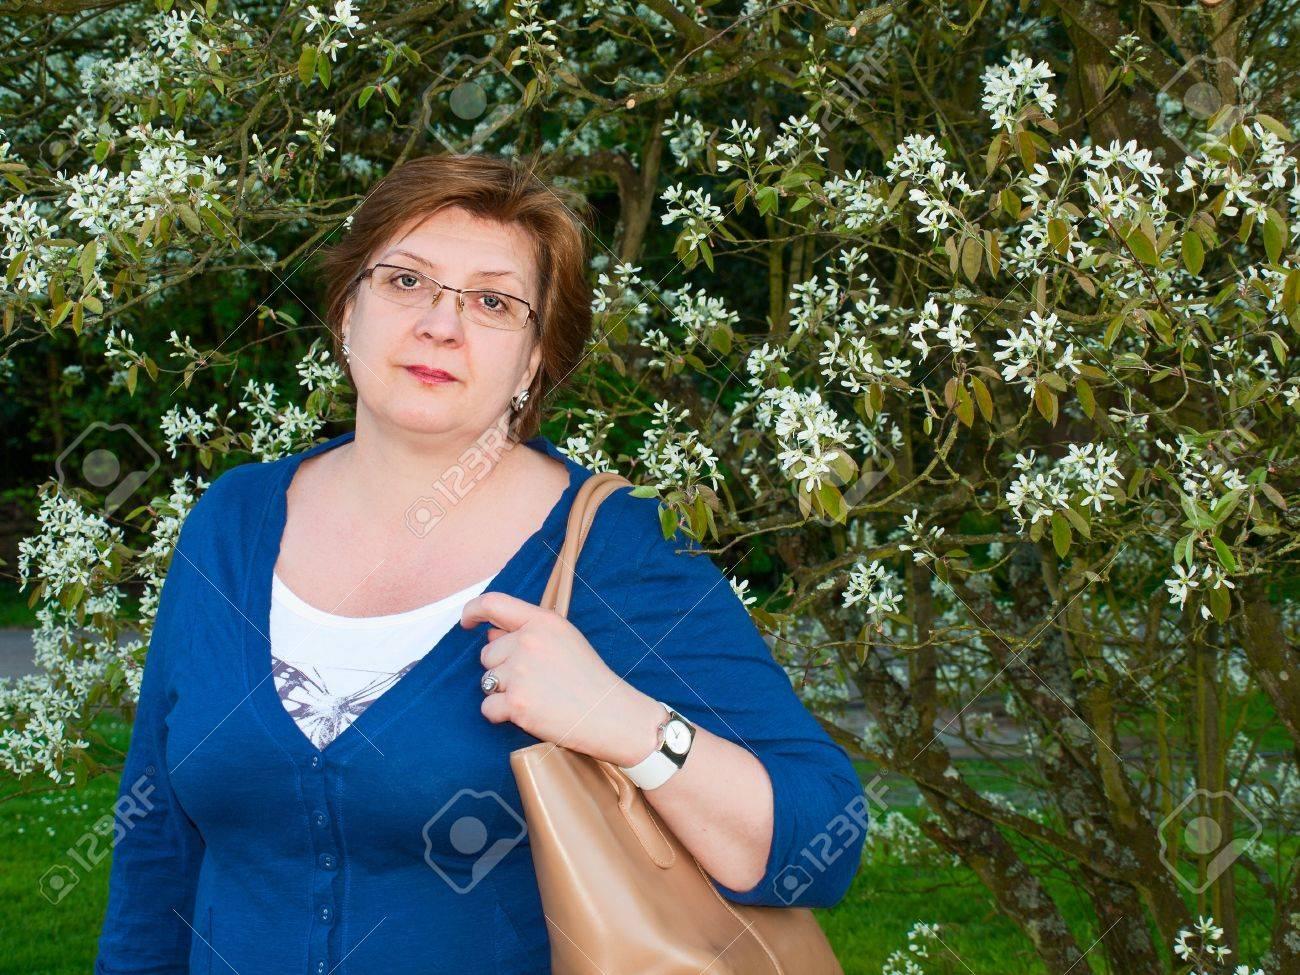 Фото женщины средних лет 5 фотография